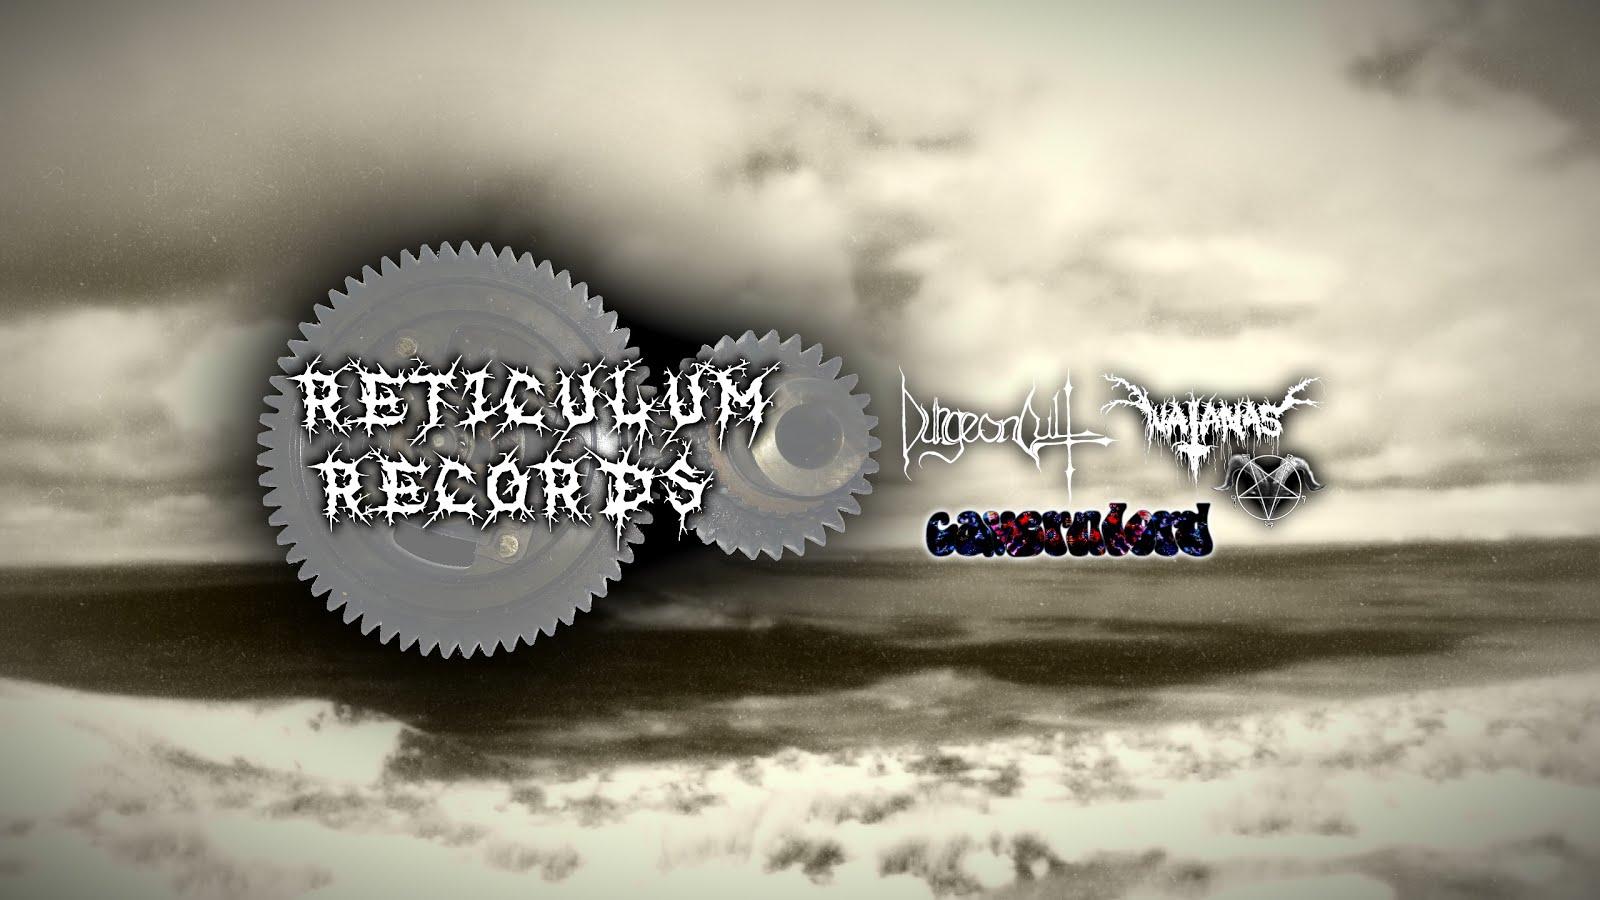 Reticulum Records